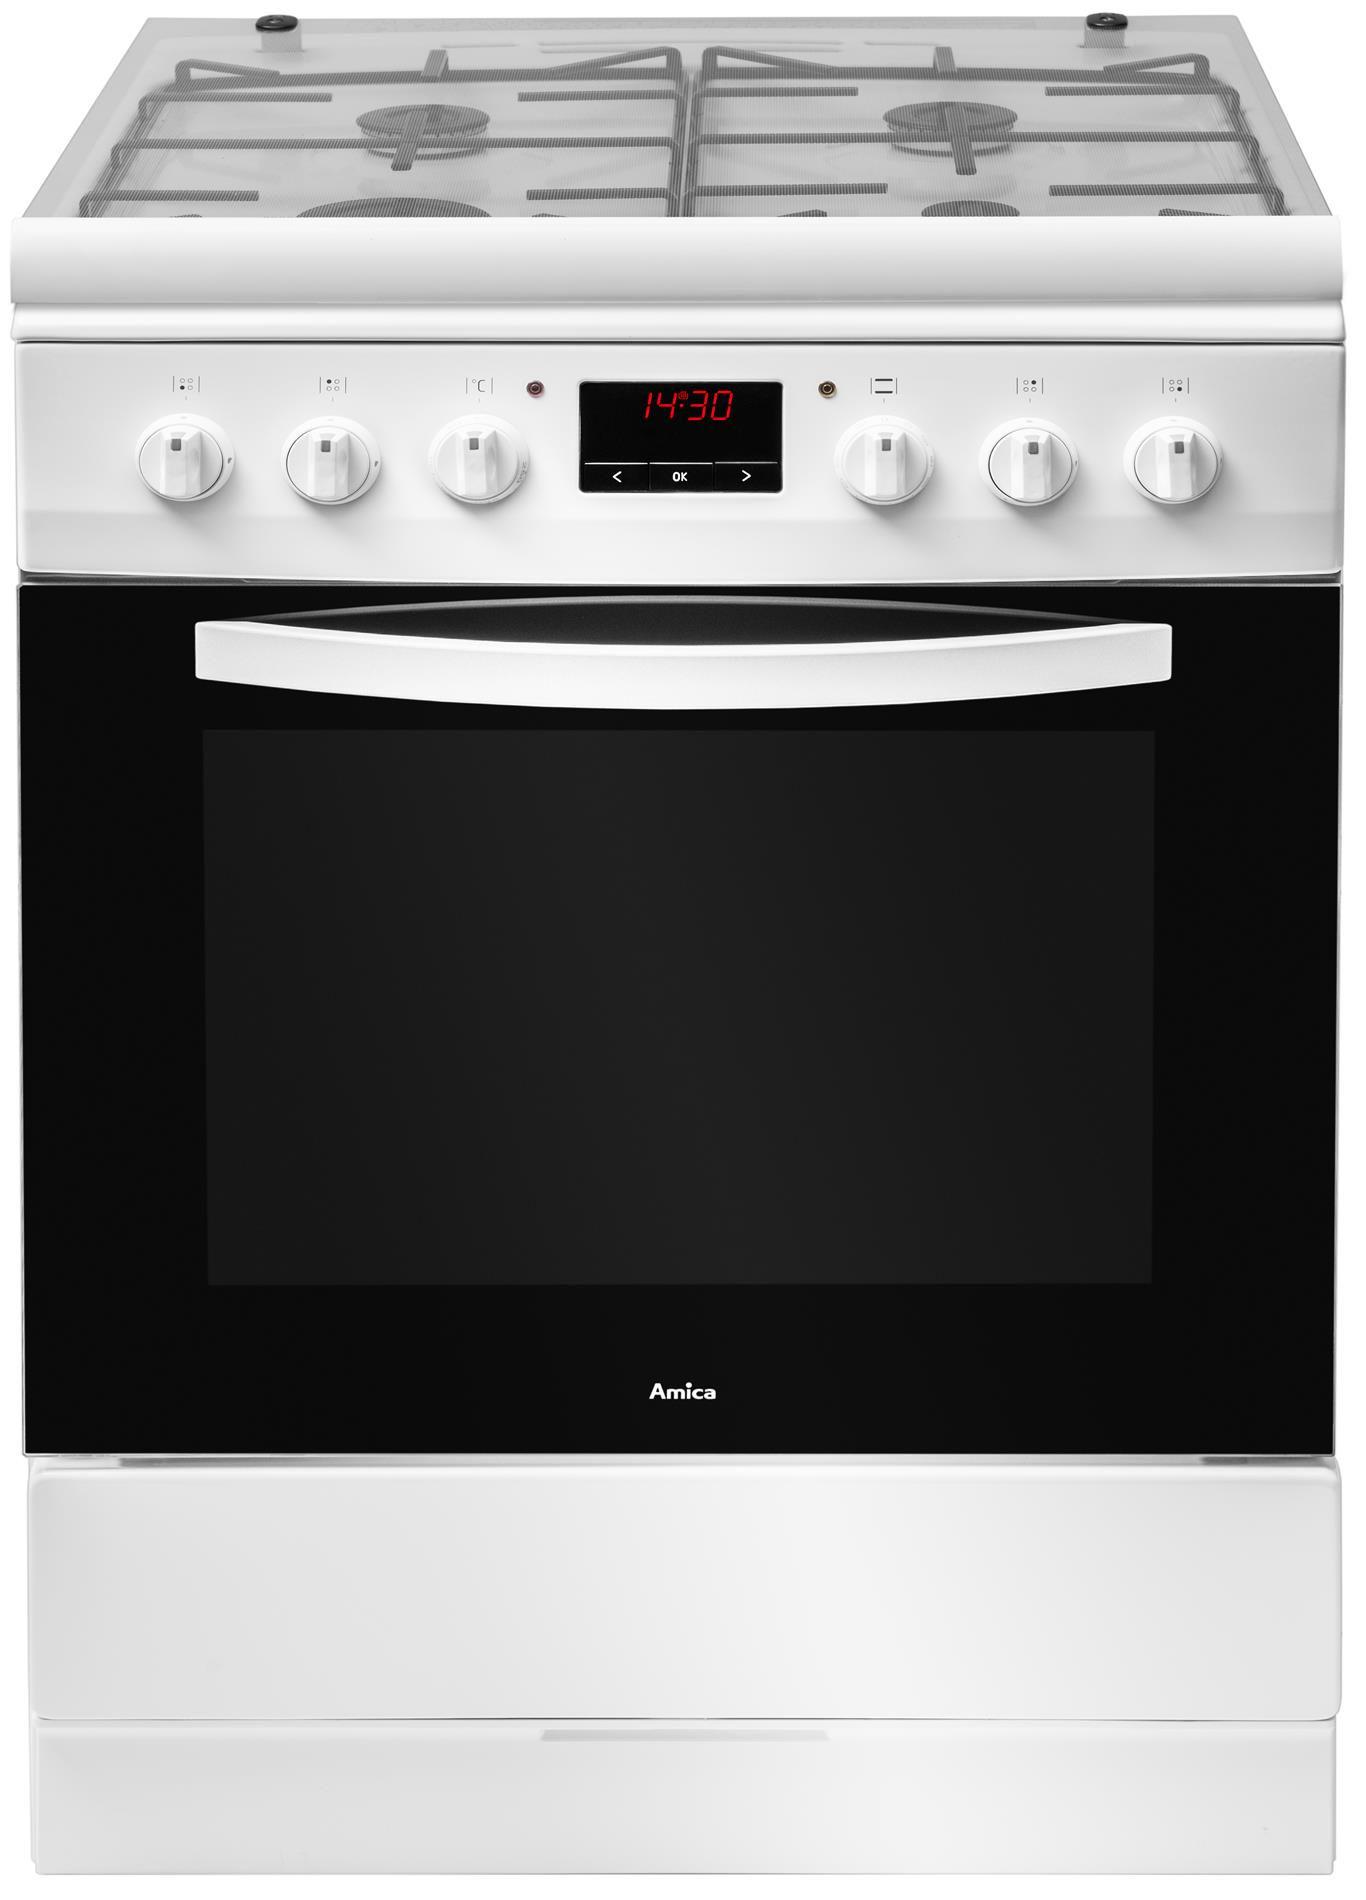 Kuchnia wolnostojąca gazowo elektryczna 600 620GE3 33ZpTaDpNQ(W)  Amica -> Kuchnia Gazowo Elektryczna Oddam